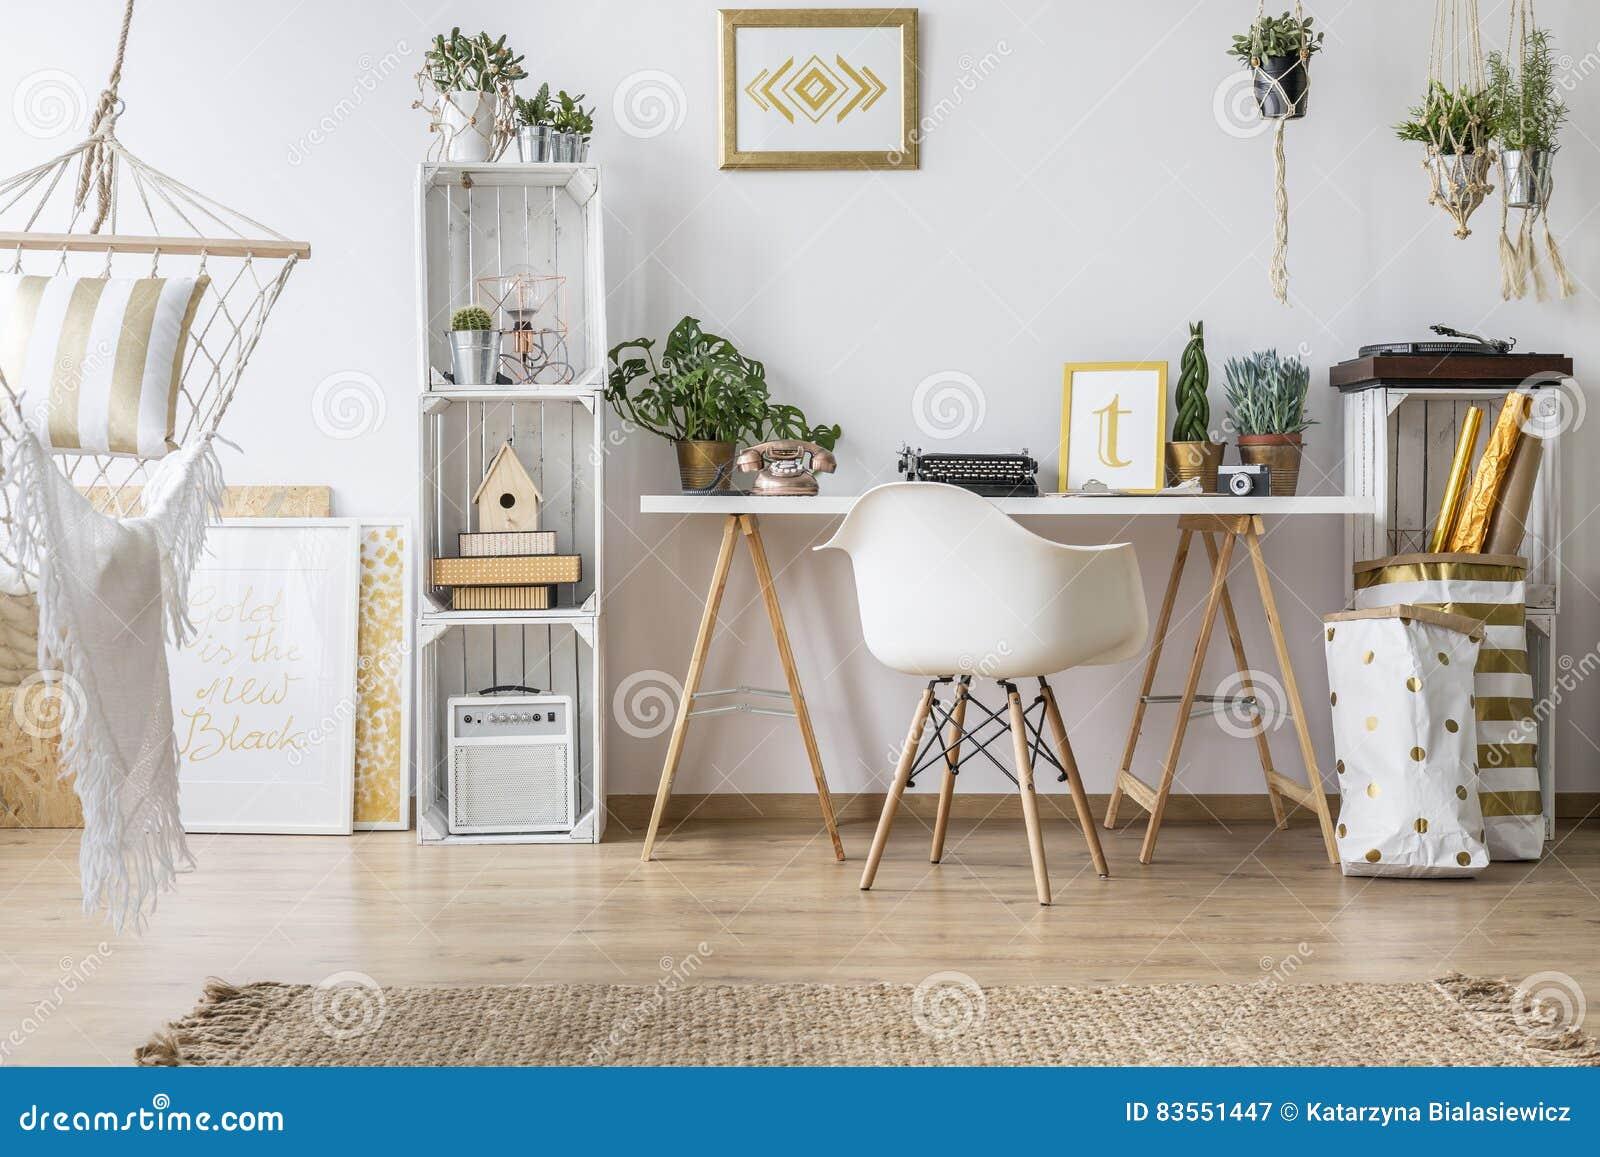 ebene mit schreibtisch und stuhl stockbild bild von beleuchtung nordisch 83551447. Black Bedroom Furniture Sets. Home Design Ideas